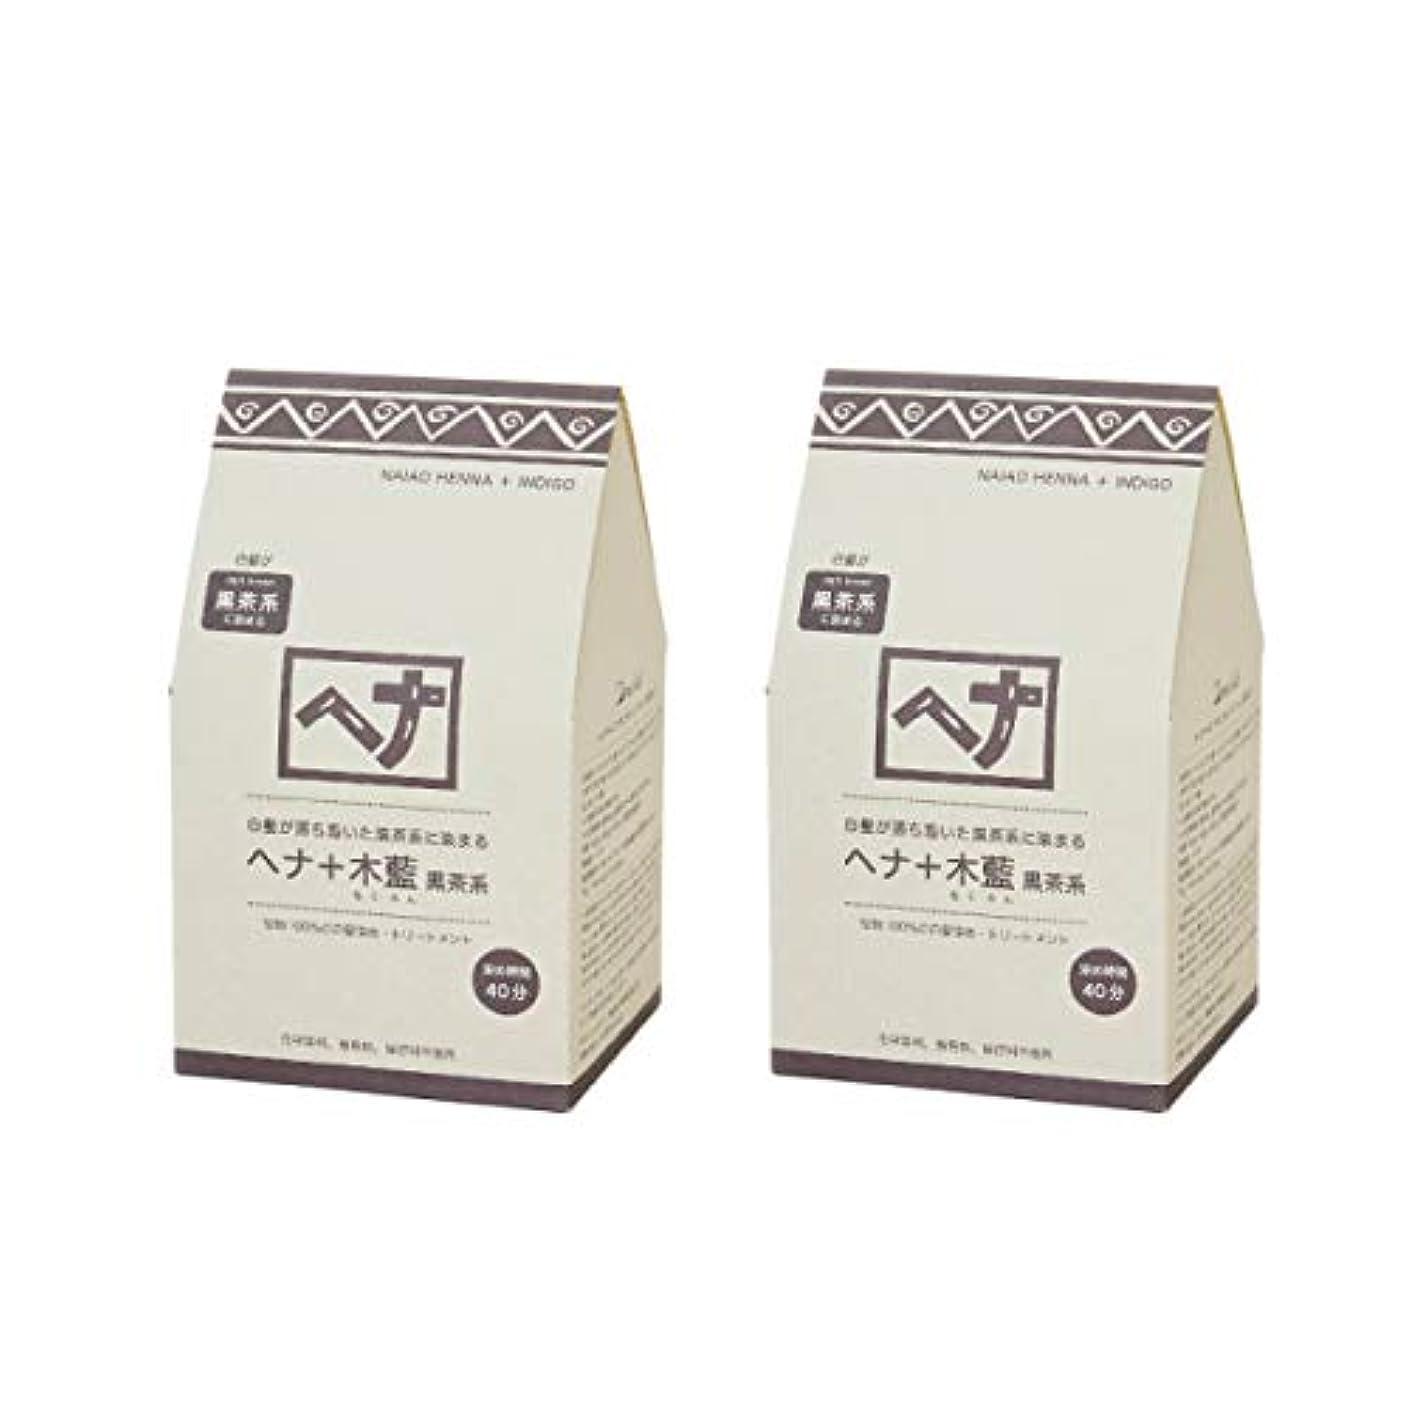 松注釈現像ナイアード ヘナ+木藍(黒茶系)400g(100g×4袋)×2個セット+アレッポの石鹸1個プレゼント